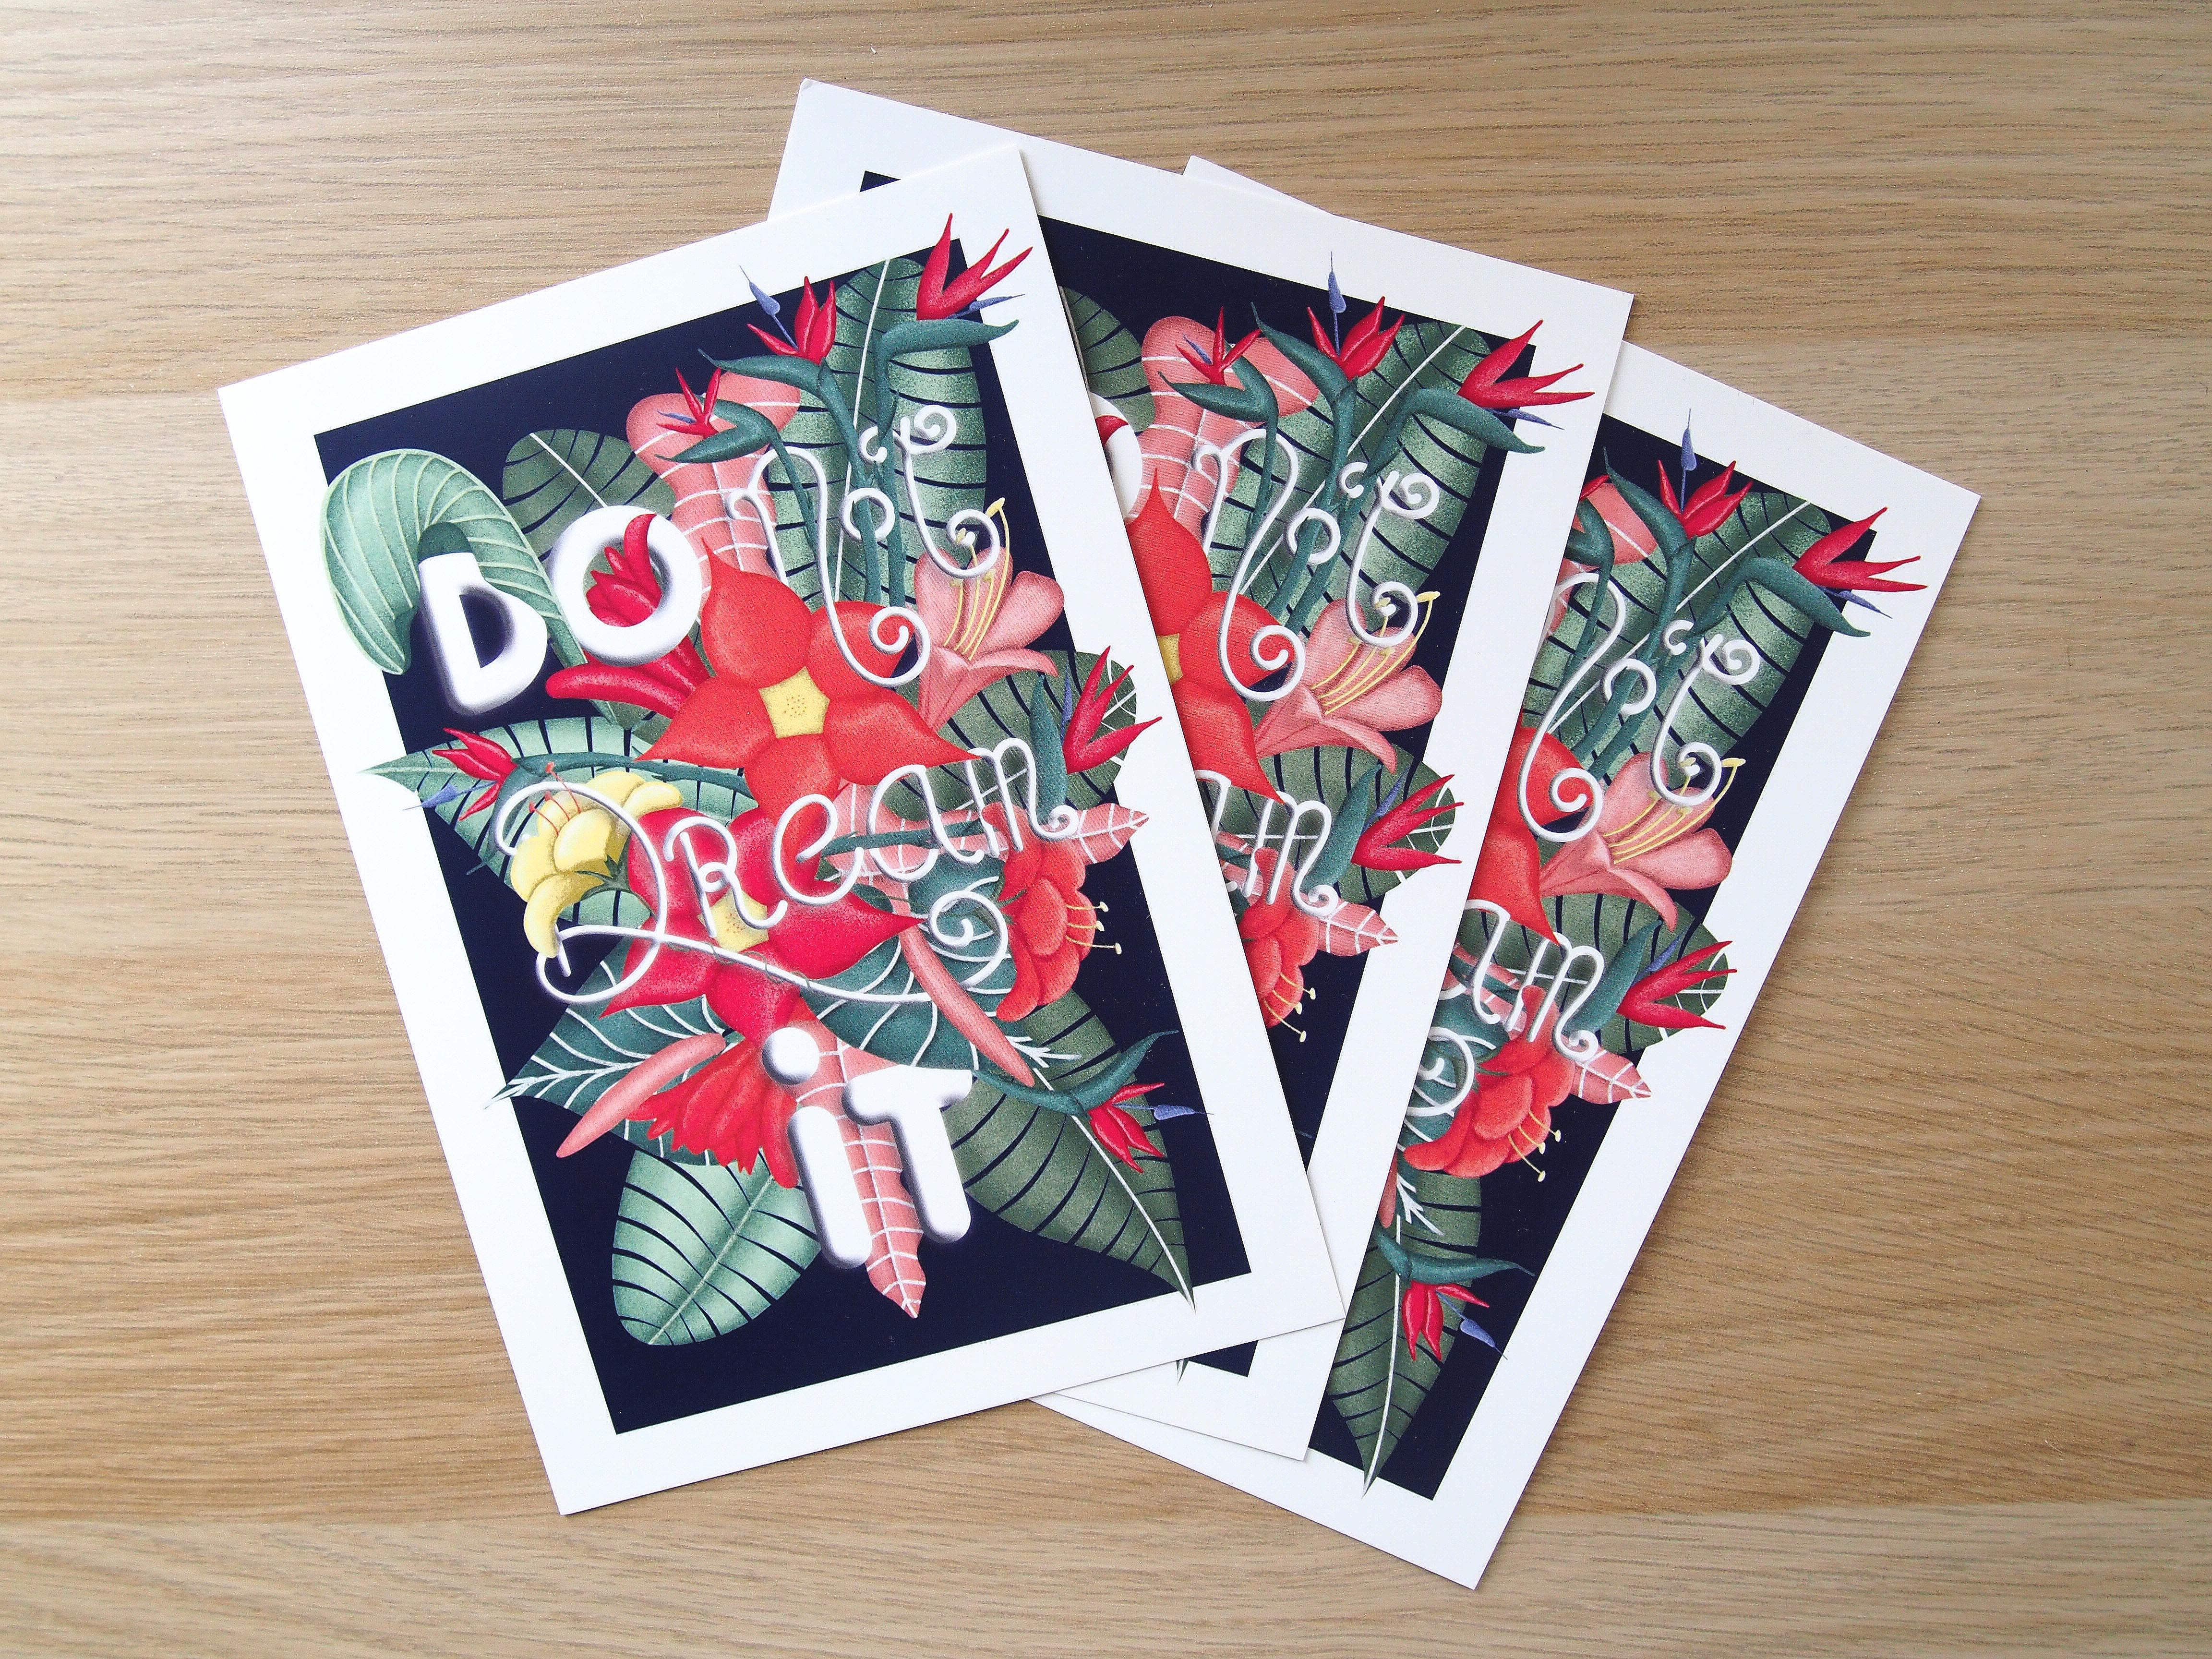 3 illustraties ontworpen door Dots & Lines te Tilburg